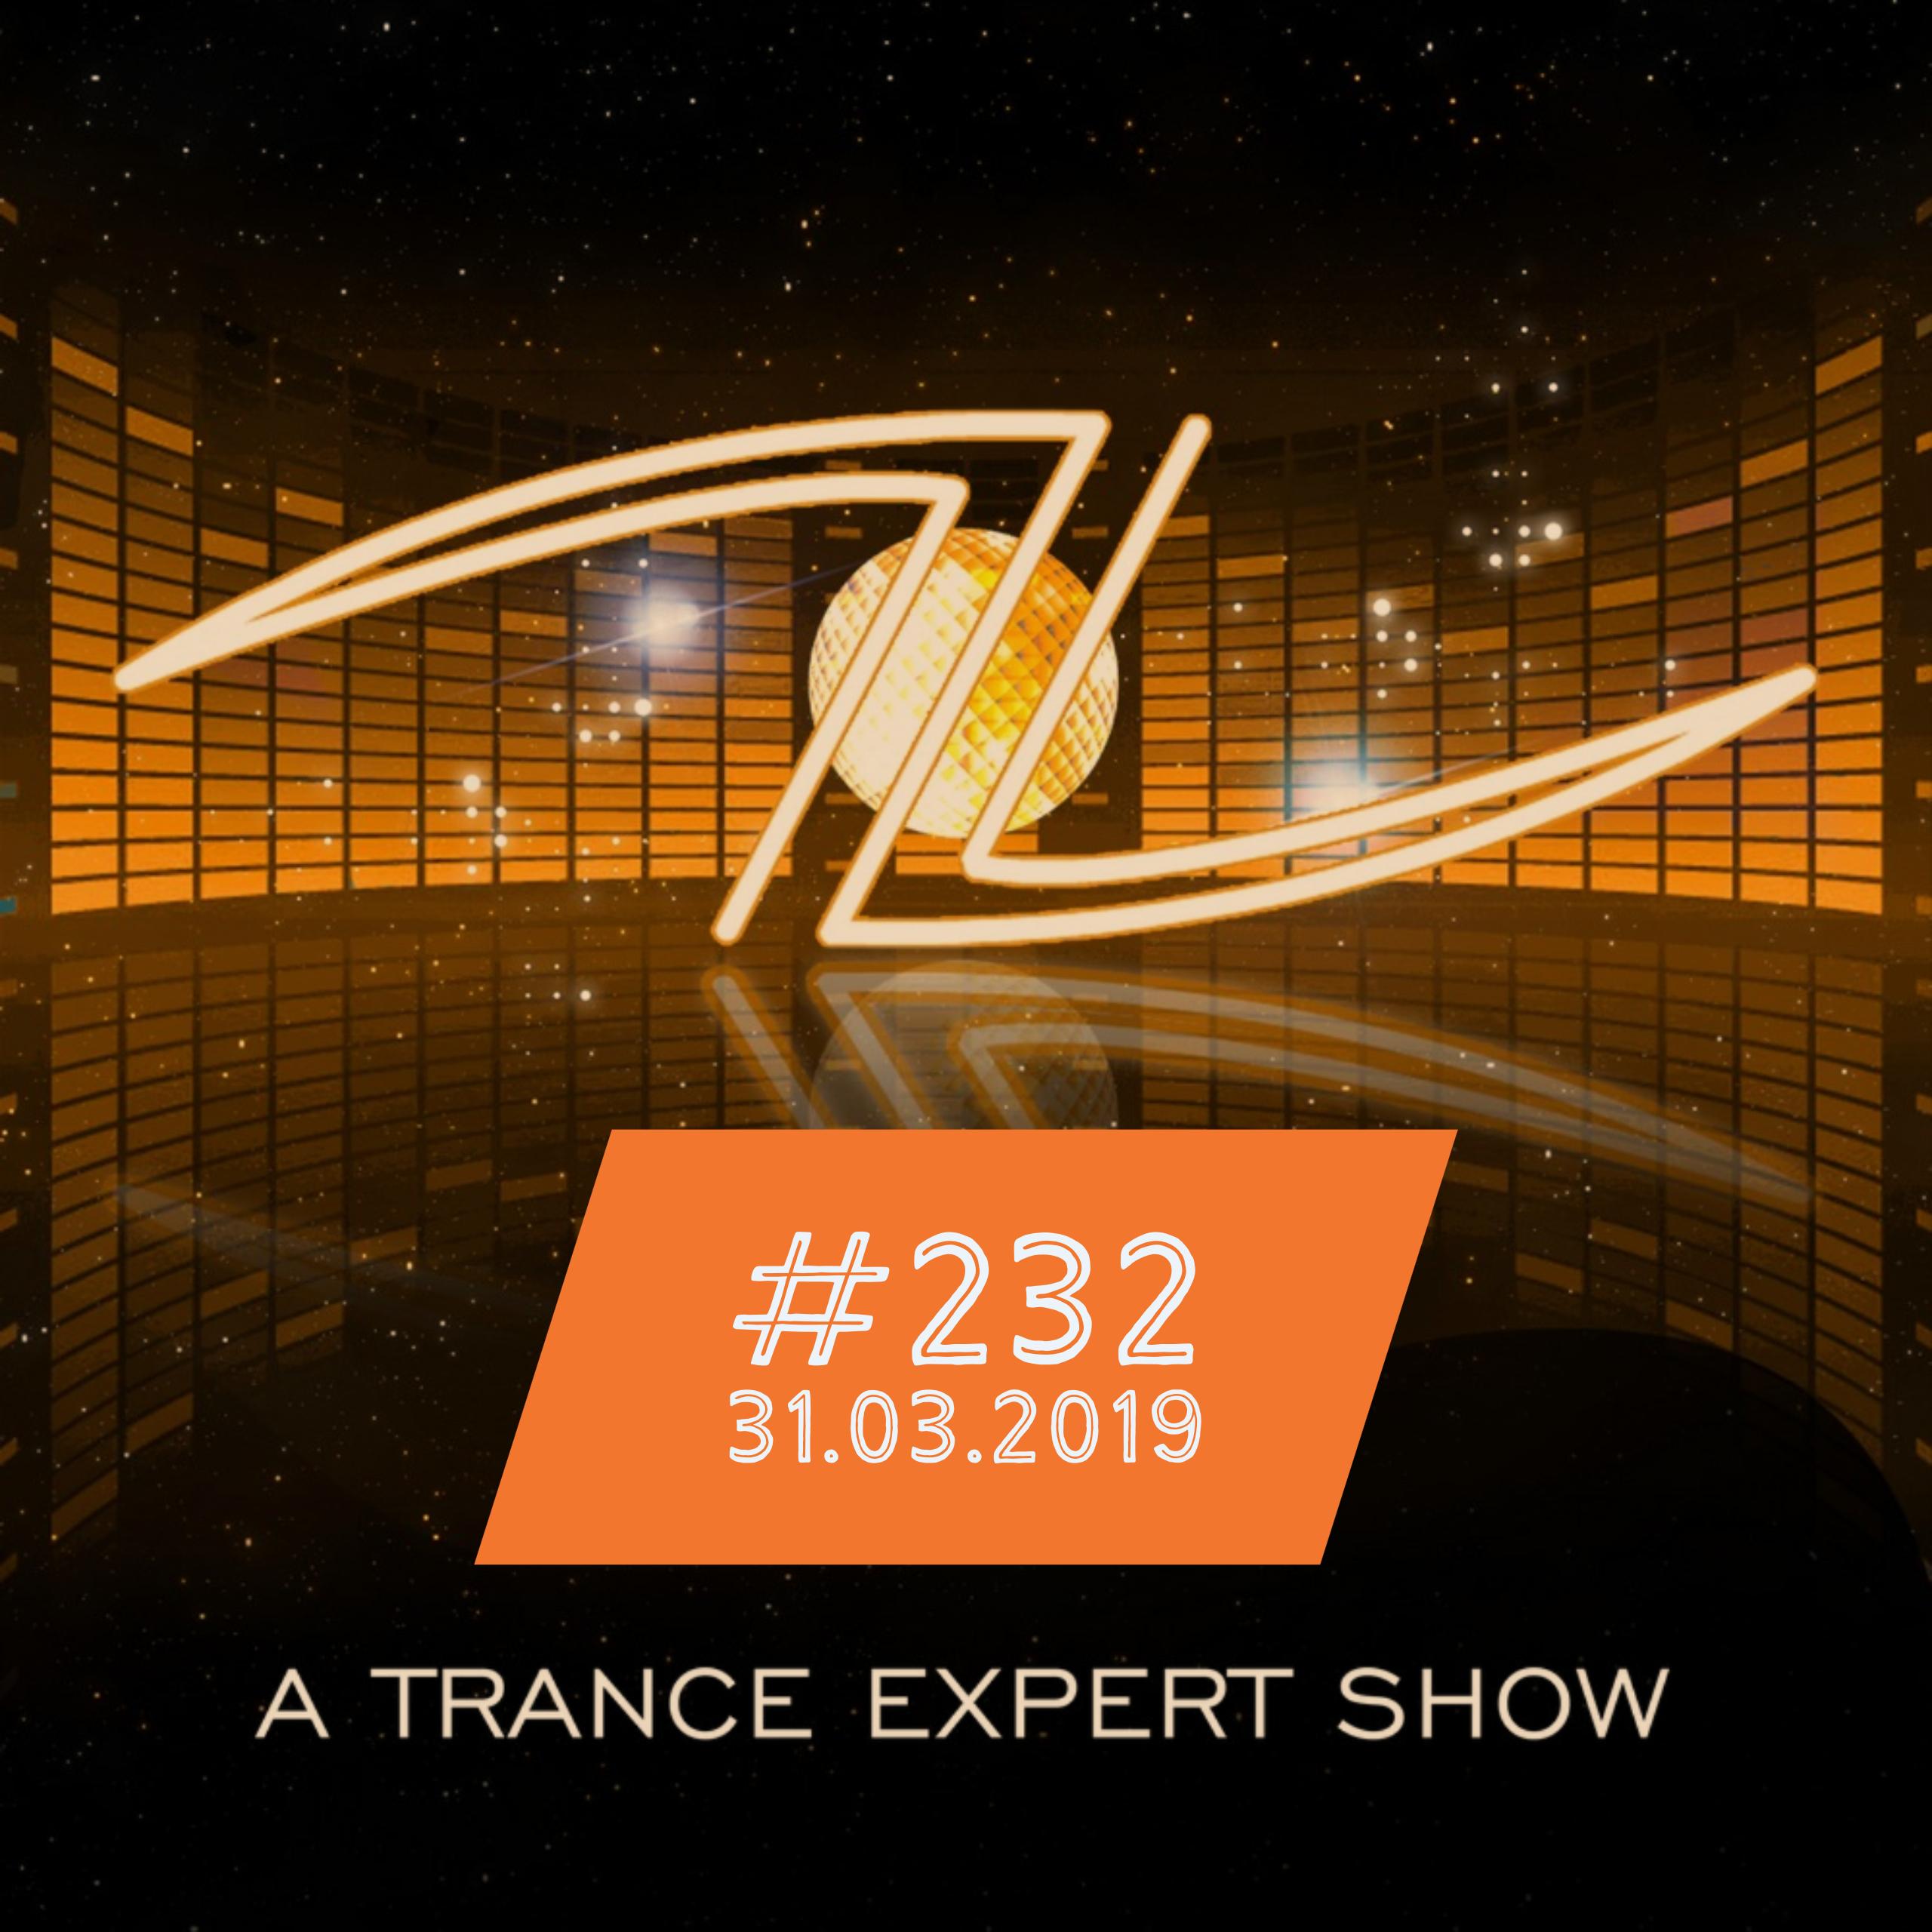 A Trance Expert Show #232